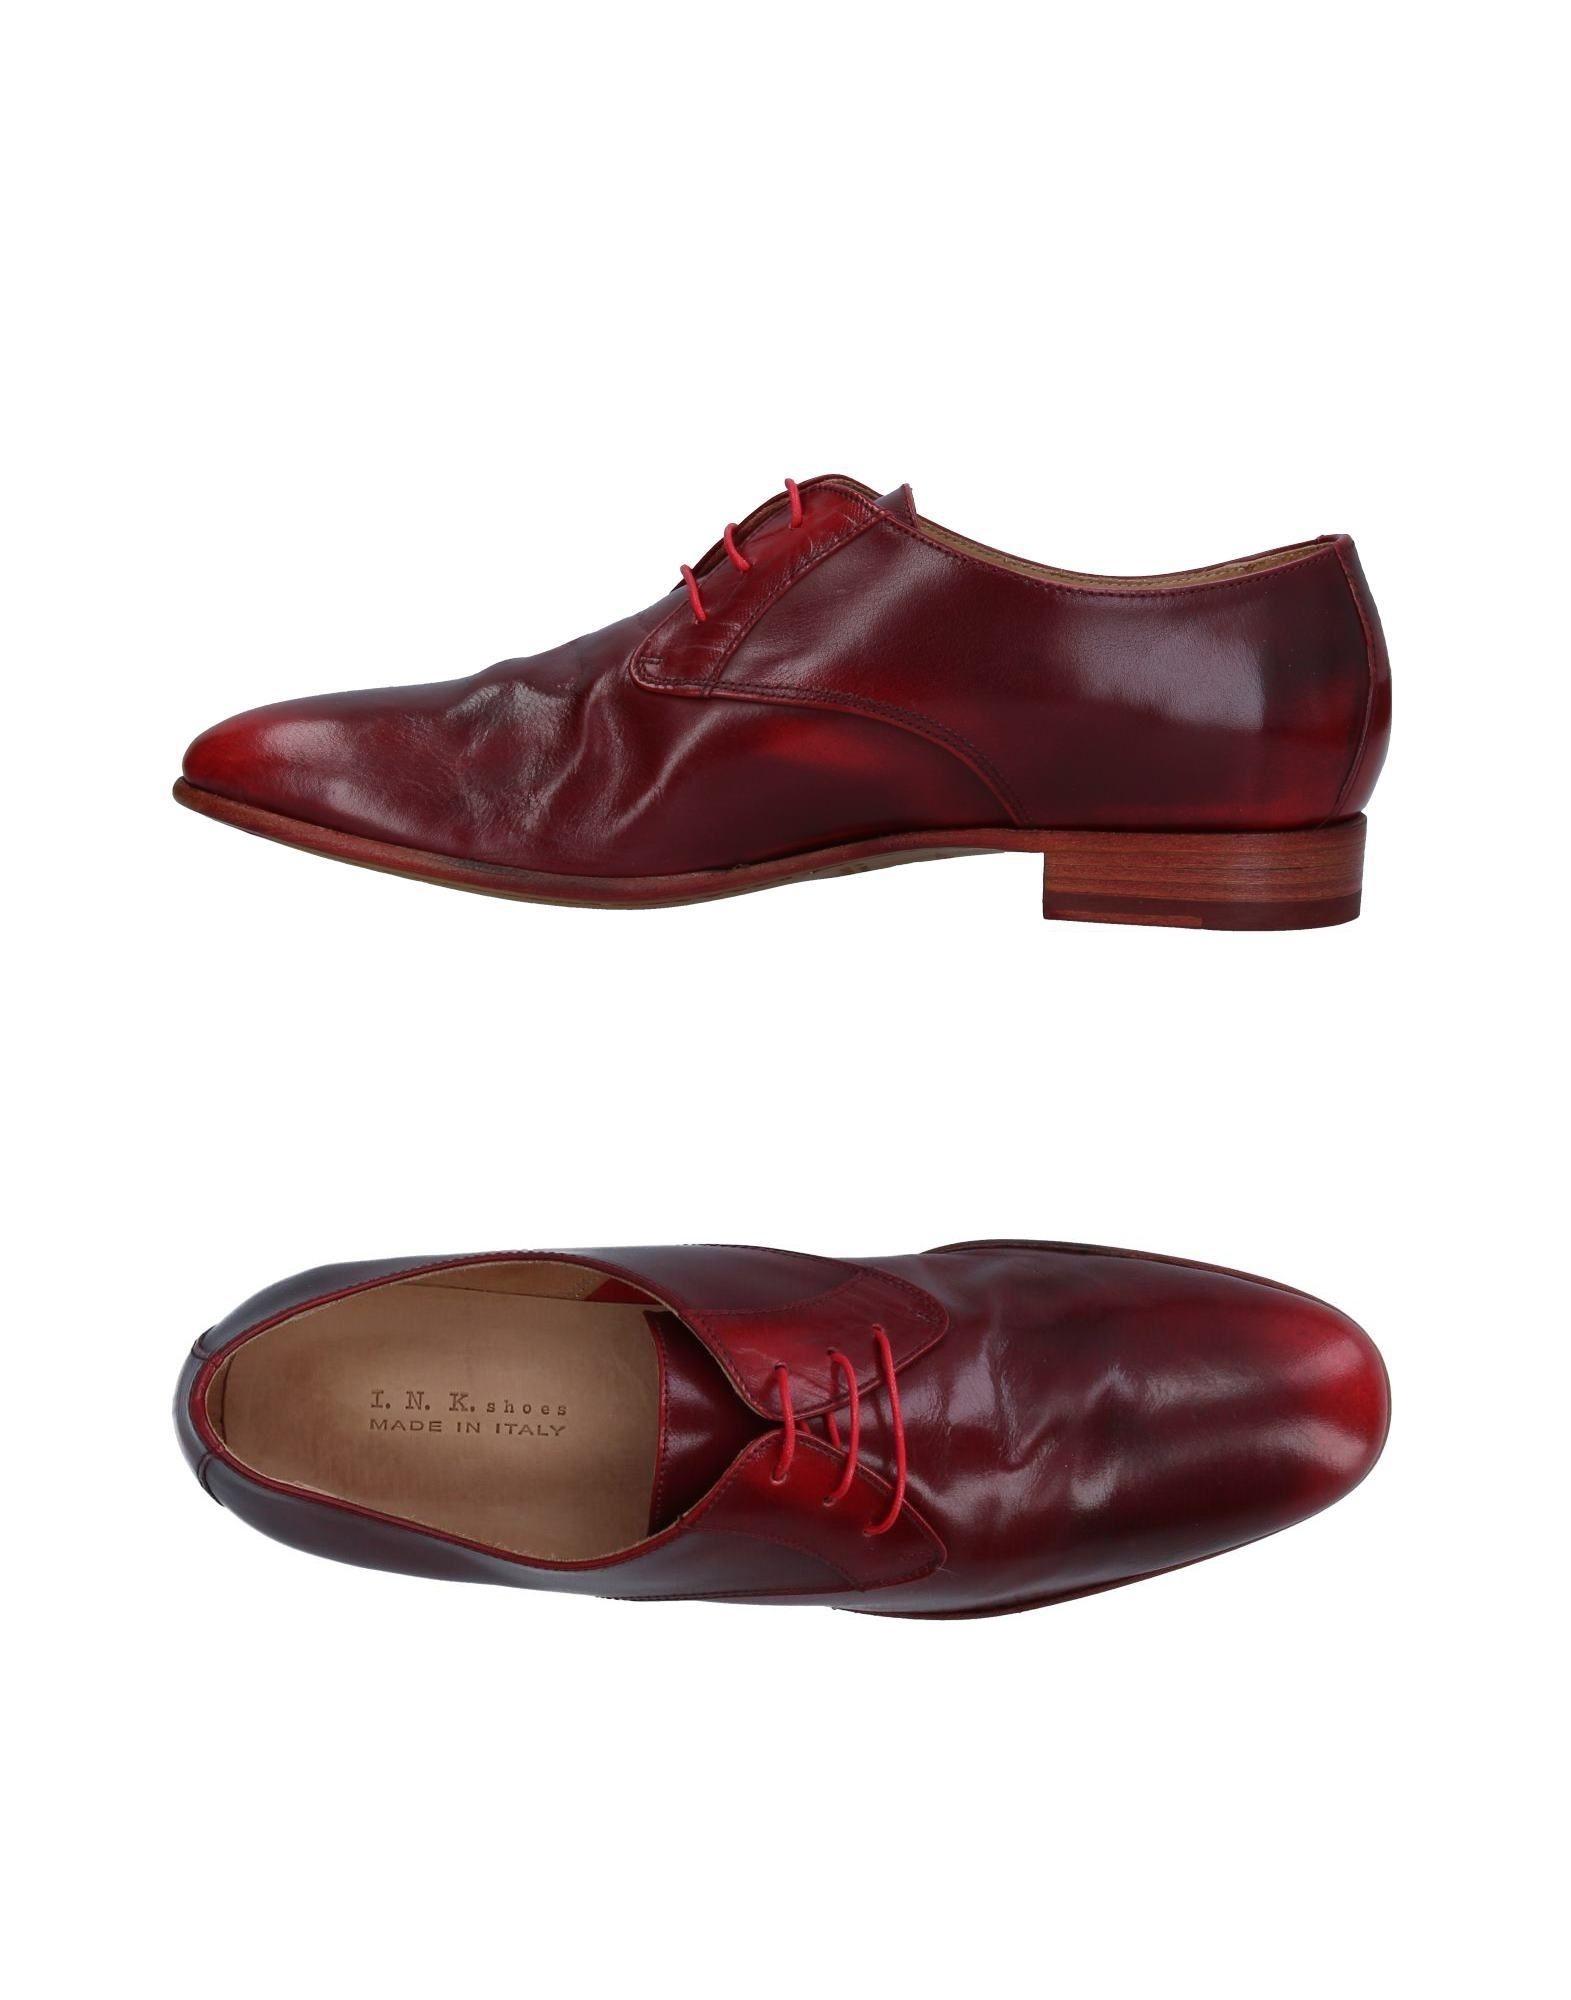 Ink Schnürschuhe Damen  11362455IB Gute Qualität beliebte Schuhe